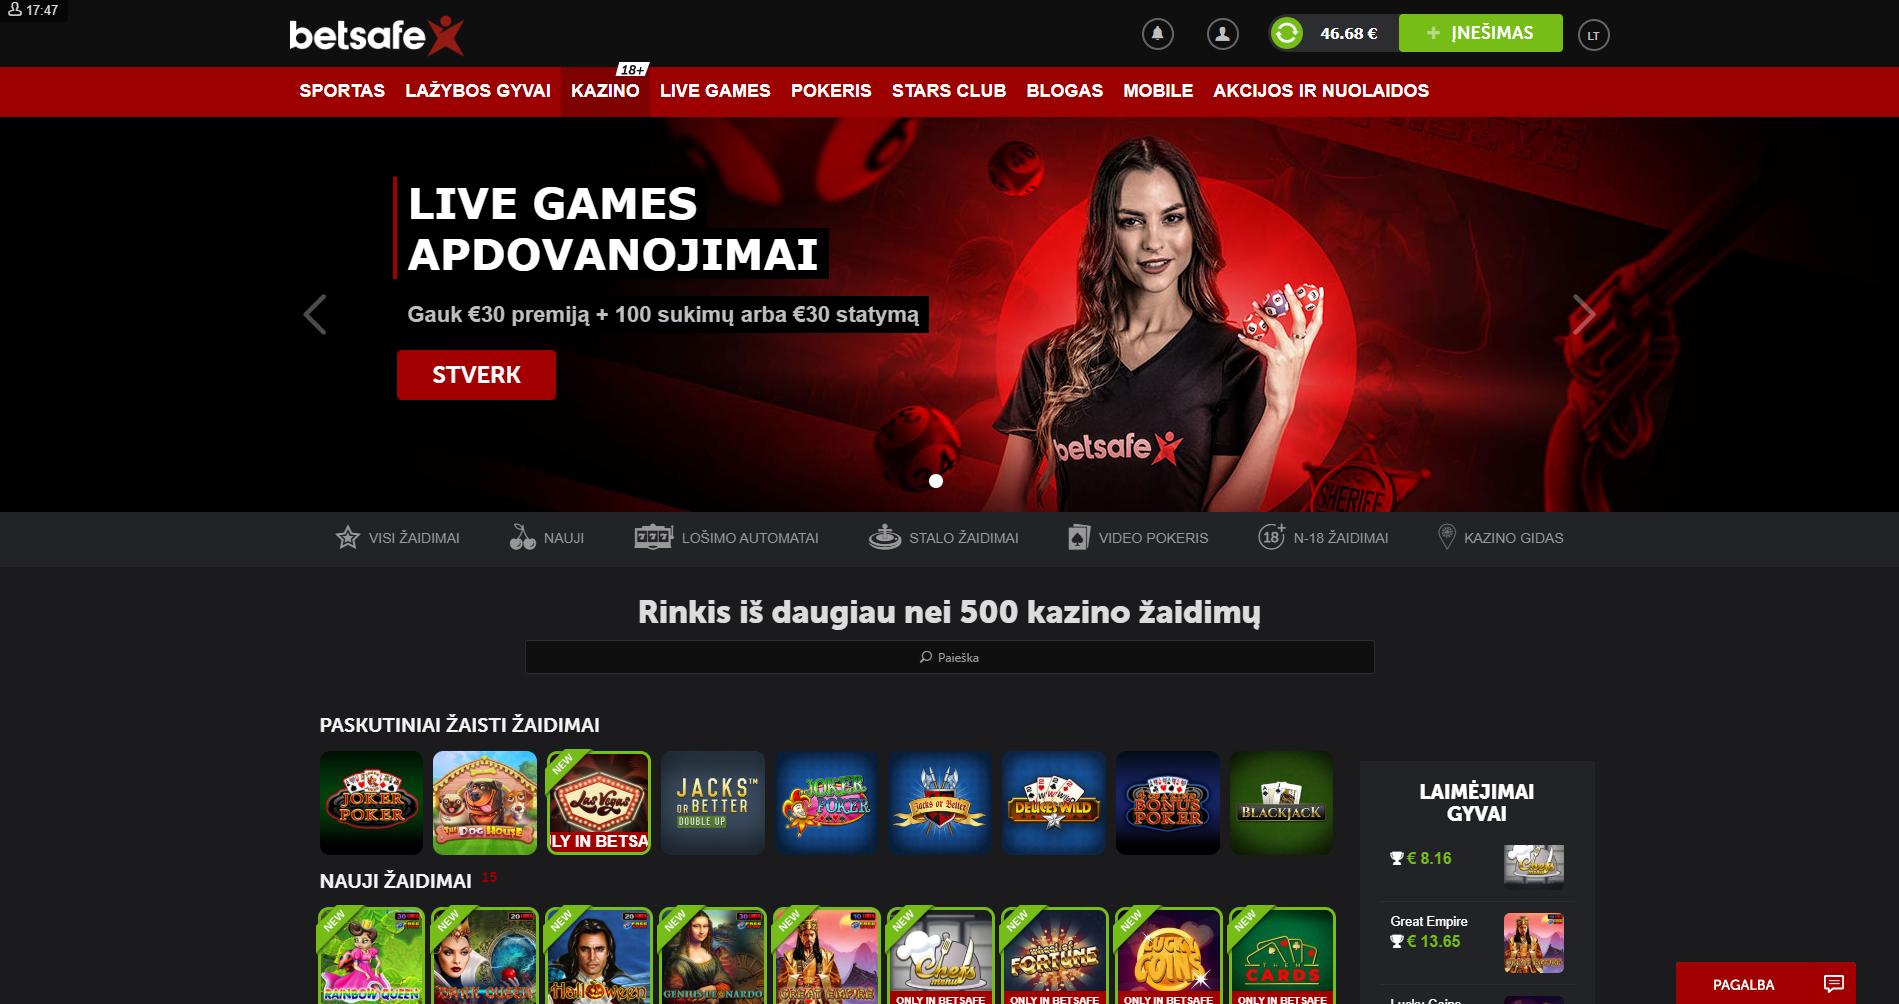 betsafe kazino žaidimai - nauji žaidimai live games - lošimo automatai